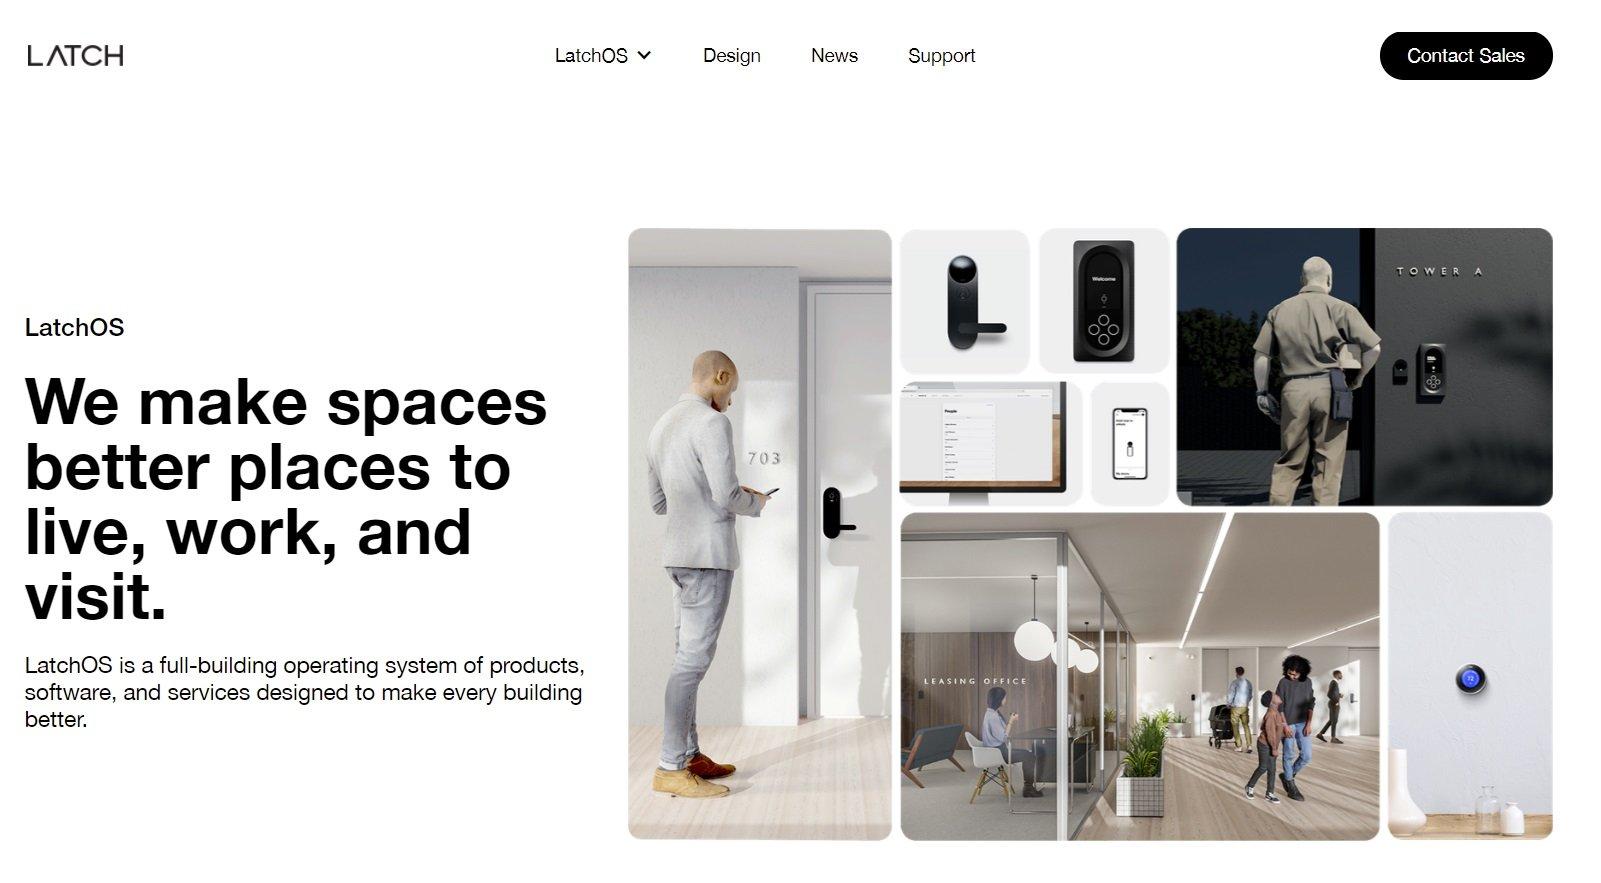 Latch website screenshot